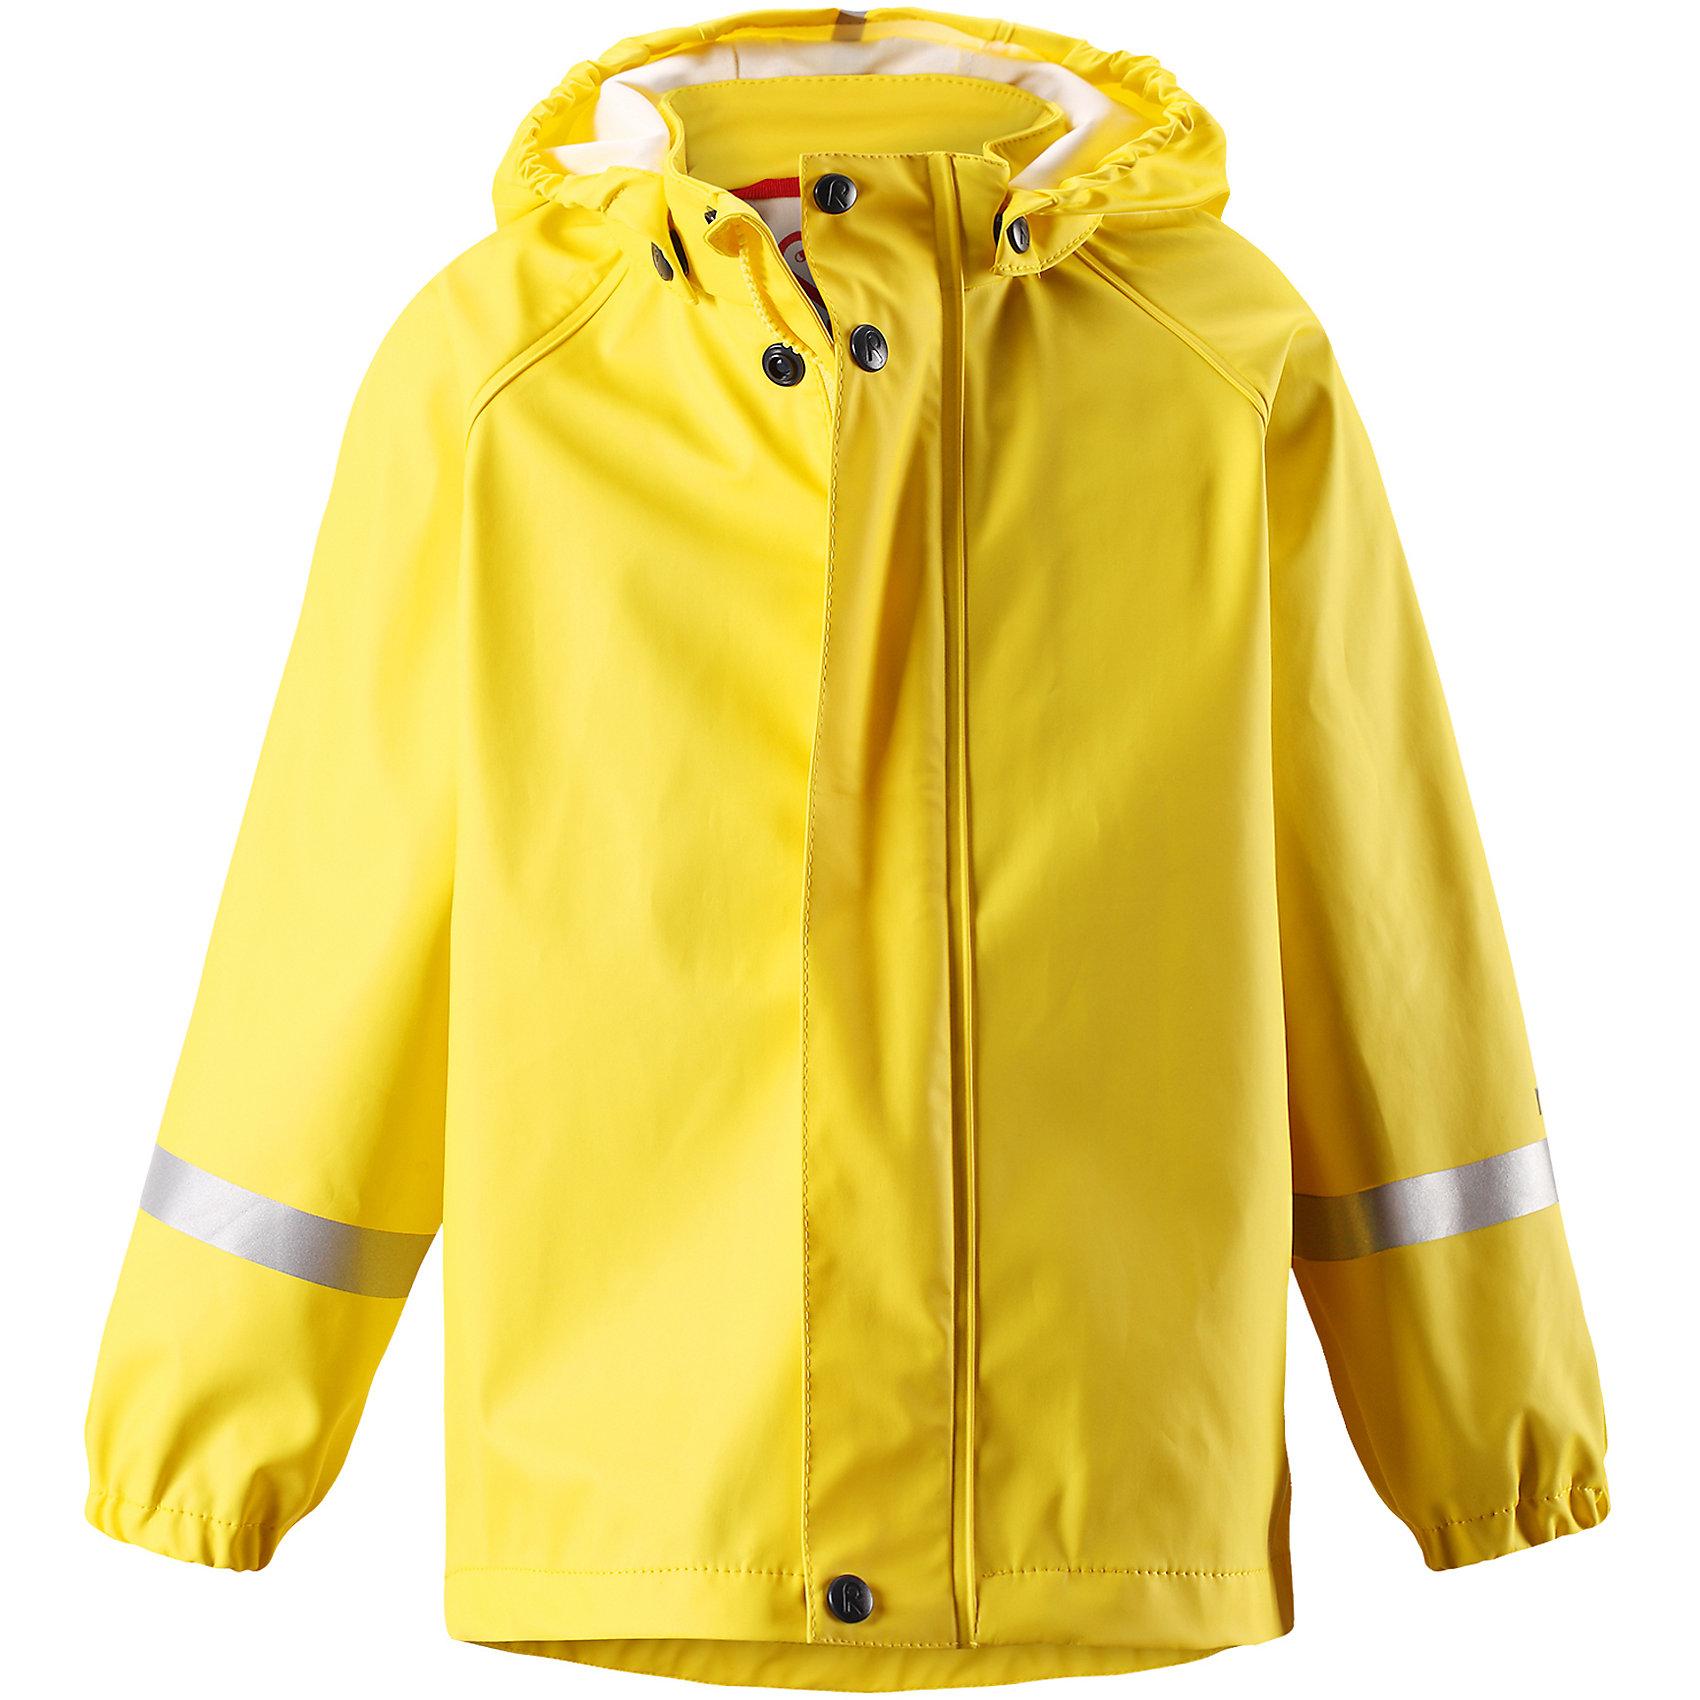 Плащ-дождевик Lampi ReimaОдежда<br>Характеристики товара:<br><br>• цвет: желтый<br>• состав: 100% полиэстер, полиуретановое покрытие<br>• водонепроницаемость: 10000 мм<br>• температурный режим: от +10° до +20°С<br>• без утеплителя<br>• водонепроницаемый материал с запаянными швами<br>• эластичный материал<br>• не сожержит ПВХ<br>• безопасный съёмный капюшон<br>• спереди застегивается на молнию<br>• светоотражающие детали<br>• эластичные манжеты<br>• комфортная посадка<br>• страна производства: Китай<br>• страна бренда: Финляндия<br>• коллекция: весна-лето 2017<br><br>Верхняя одежда для детей может быть модной и комфортной одновременно! Легкий плащ поможет обеспечить ребенку комфорт и тепло. Он отлично смотрится с различной одеждой и обувью. Изделие удобно сидит и модно выглядит. Материал - прочный, хорошо подходящий для дождливой погоды. Стильный дизайн разрабатывался специально для детей.<br><br>Одежда и обувь от финского бренда Reima пользуется популярностью во многих странах. Эти изделия стильные, качественные и удобные. Для производства продукции используются только безопасные, проверенные материалы и фурнитура. Порадуйте ребенка модными и красивыми вещами от Reima! <br><br>Плащ от финского бренда Reima (Рейма) можно купить в нашем интернет-магазине.<br><br>Ширина мм: 356<br>Глубина мм: 10<br>Высота мм: 245<br>Вес г: 519<br>Цвет: желтый<br>Возраст от месяцев: 60<br>Возраст до месяцев: 72<br>Пол: Унисекс<br>Возраст: Детский<br>Размер: 116,122,128,134,140,98,86,92,104,110<br>SKU: 5270498